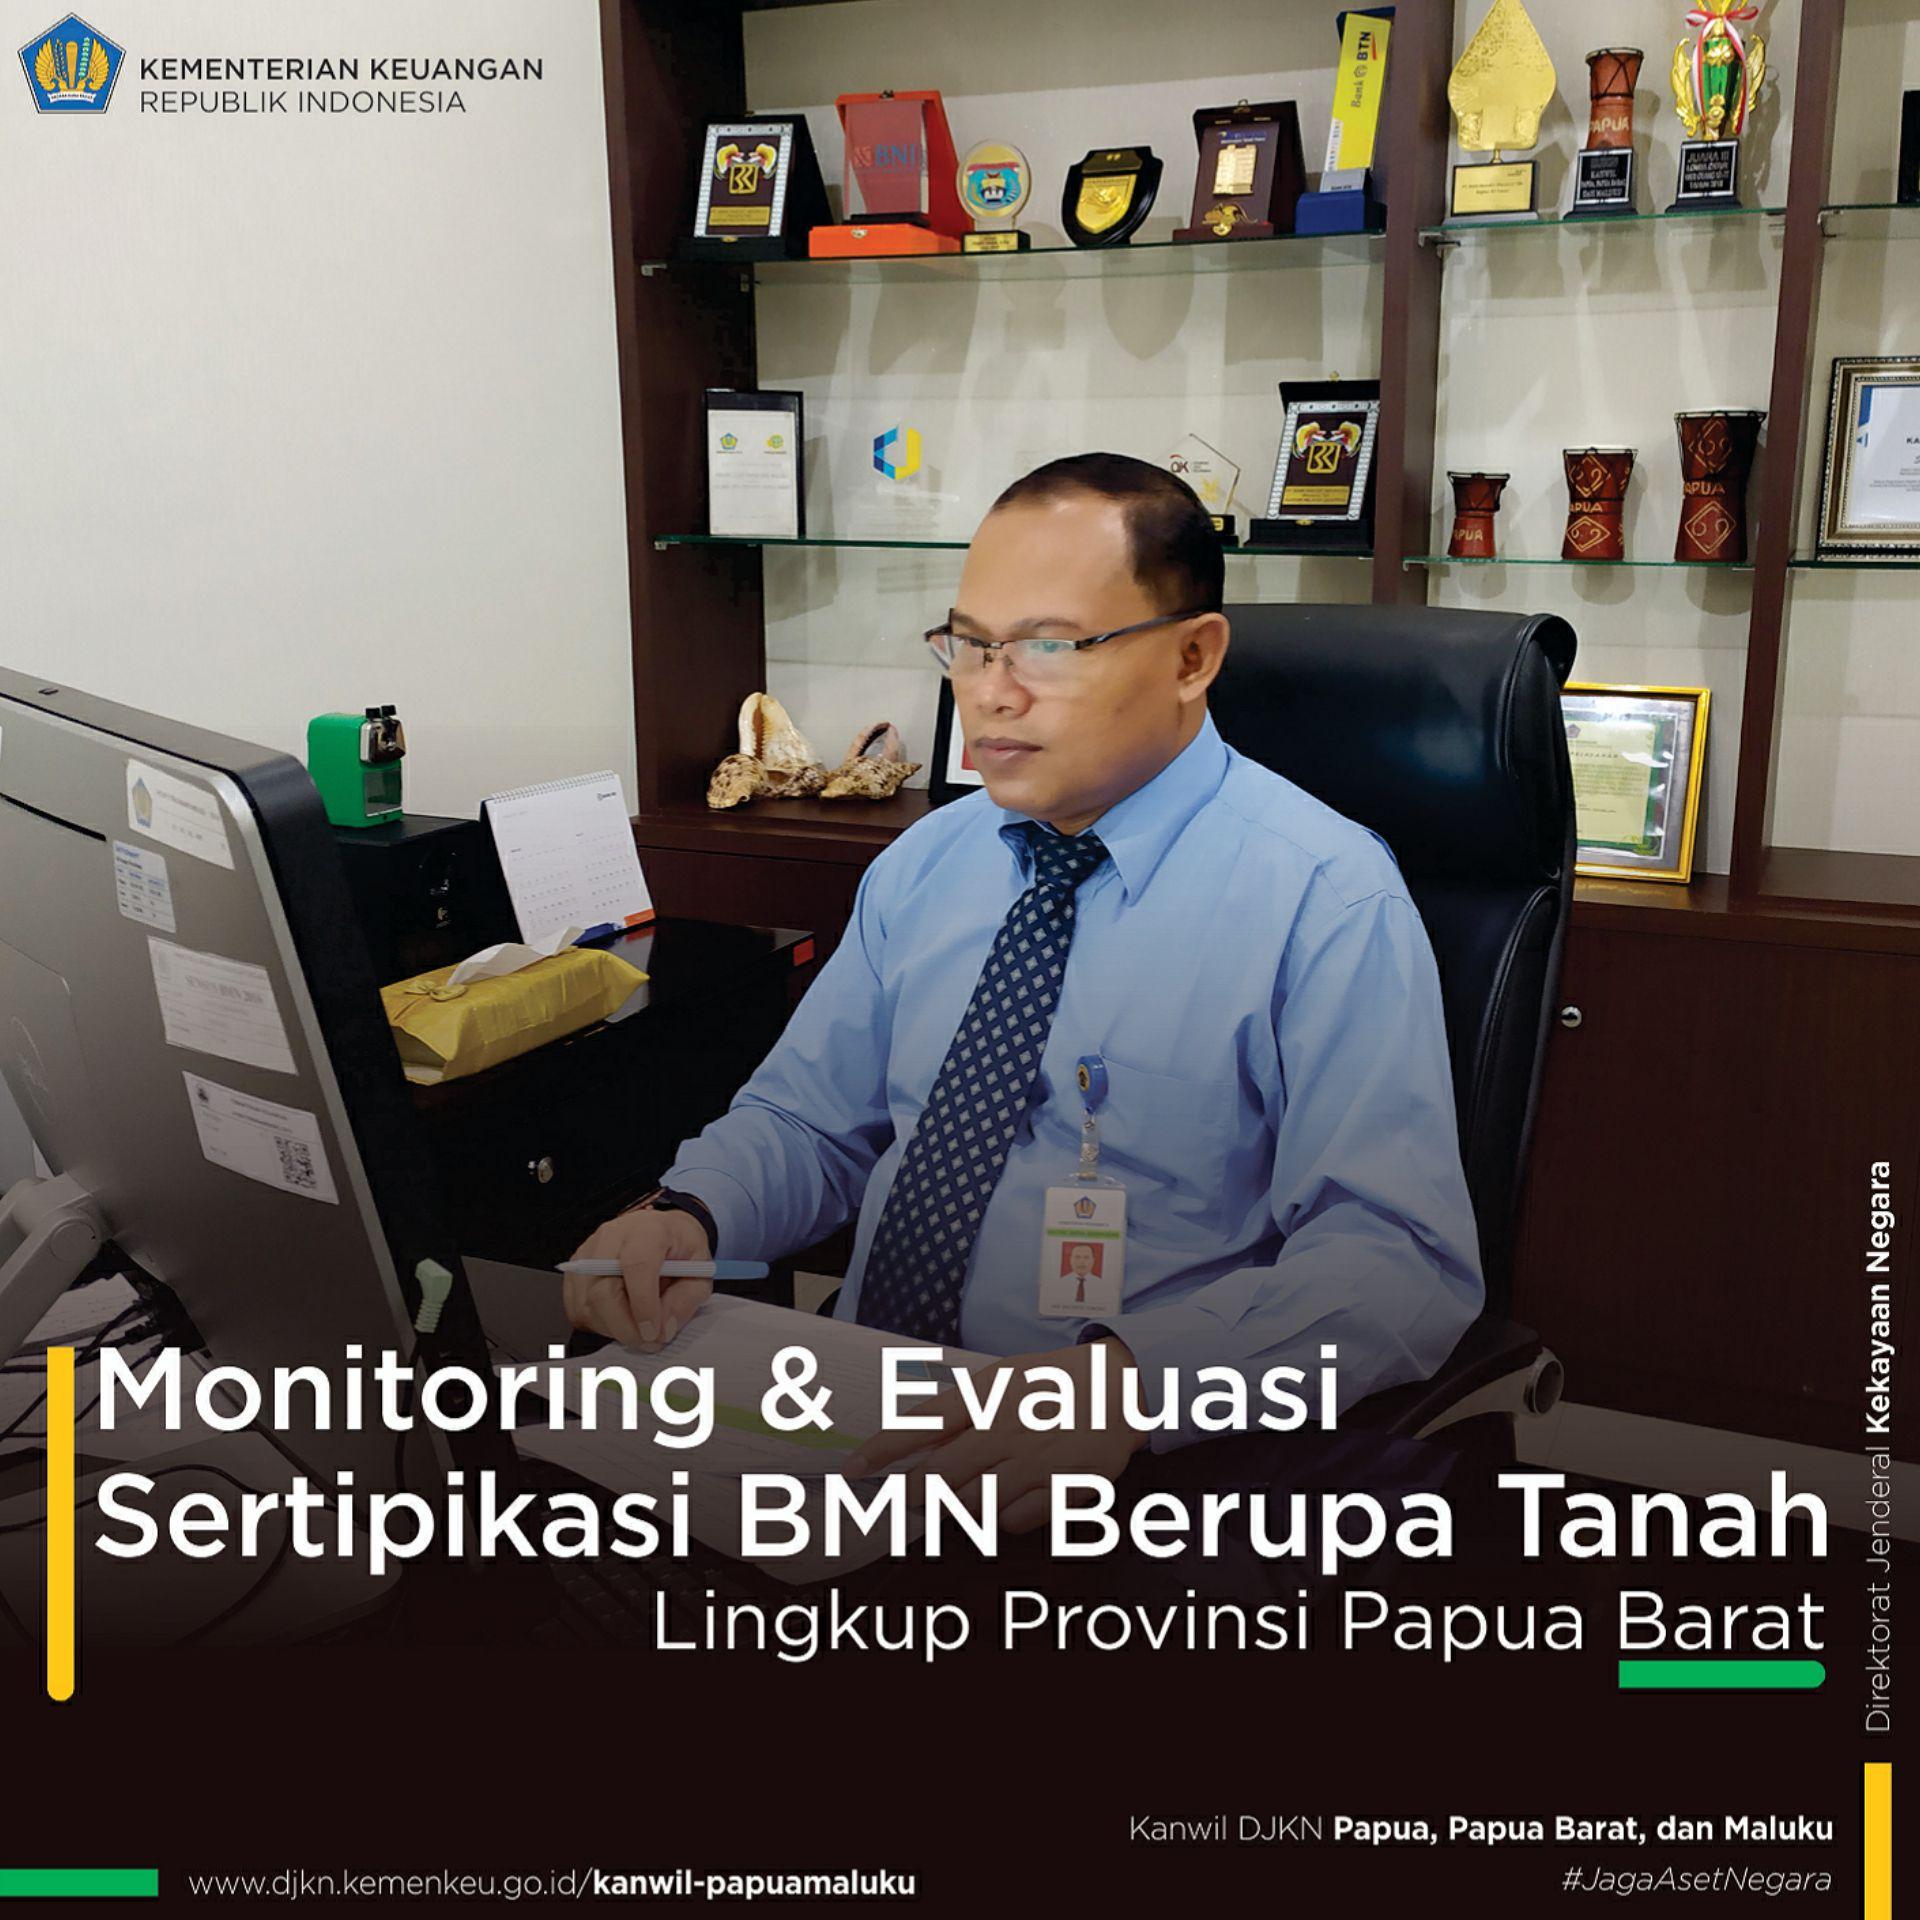 Monitoring dan Evaluasi Kegiatan Percepatan Pensertipikatan BMN Berupa Tanah Tahun 2020 Wilayah Kerja Kanwil DJKN Papabaruku